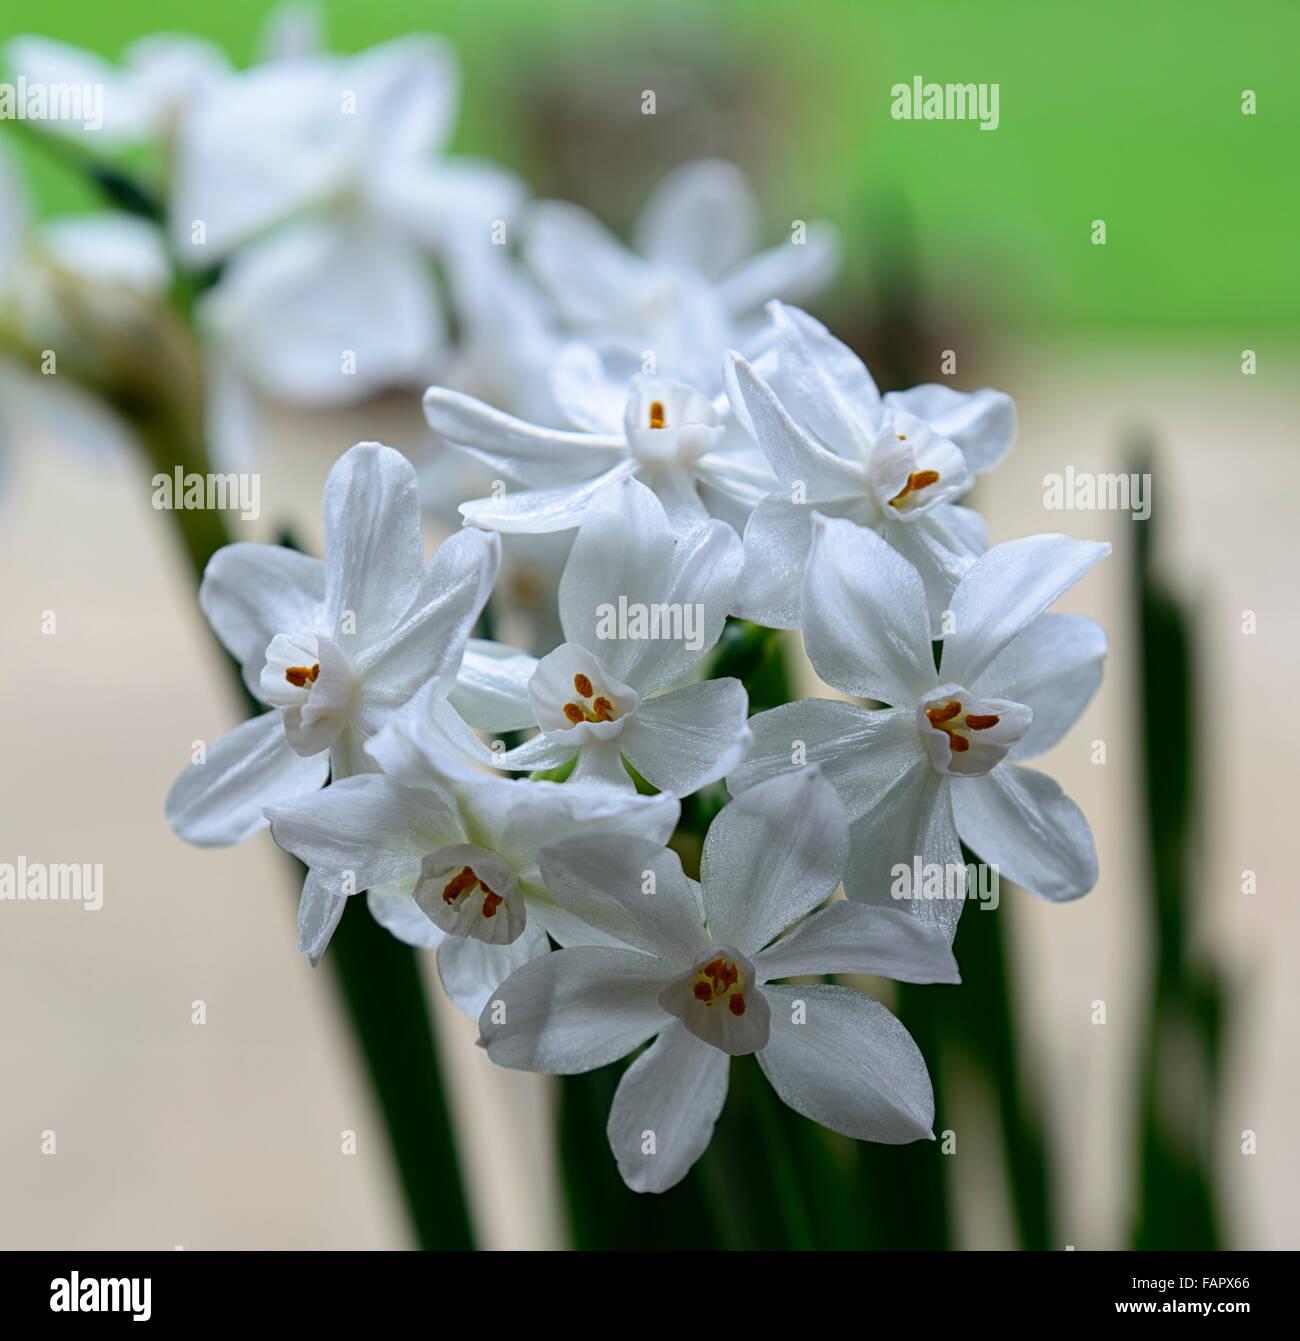 Narcissus ziva paperwhites piante fiori bianchi fioritura di bulbi di fiori  profumati di primavera fragrante narcisi paperwhite floreale RM